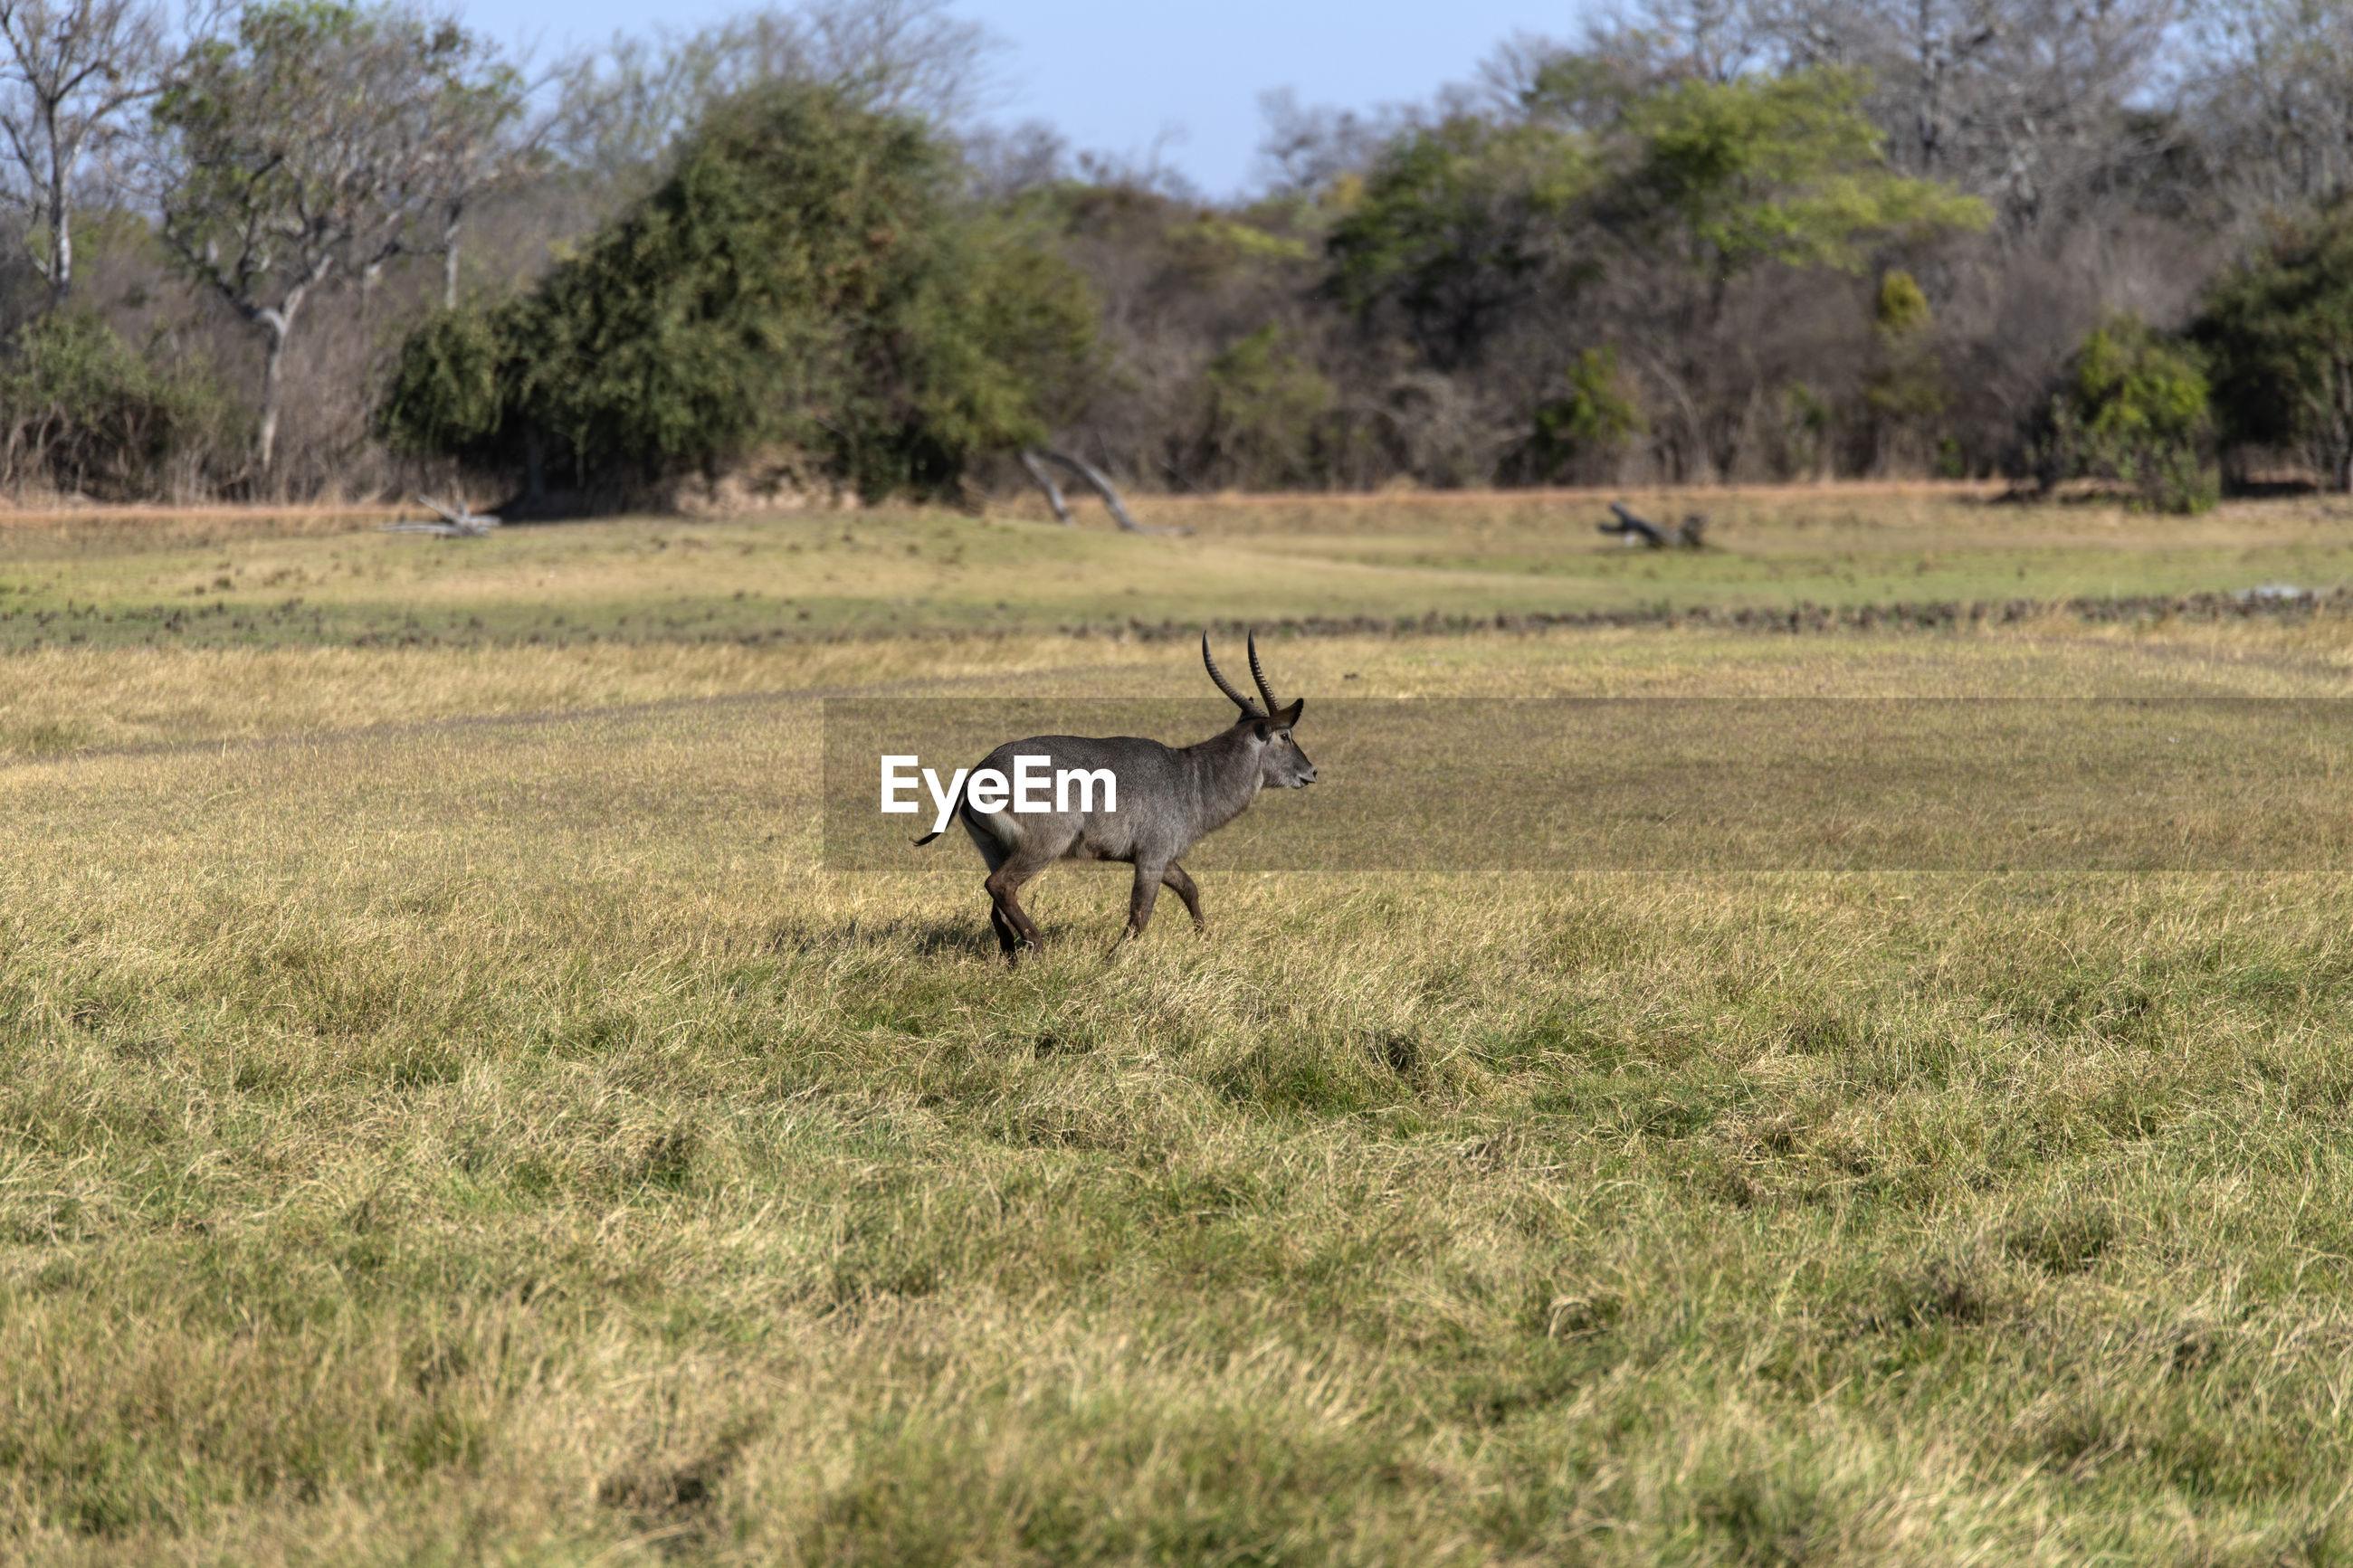 Waterbuck in a field